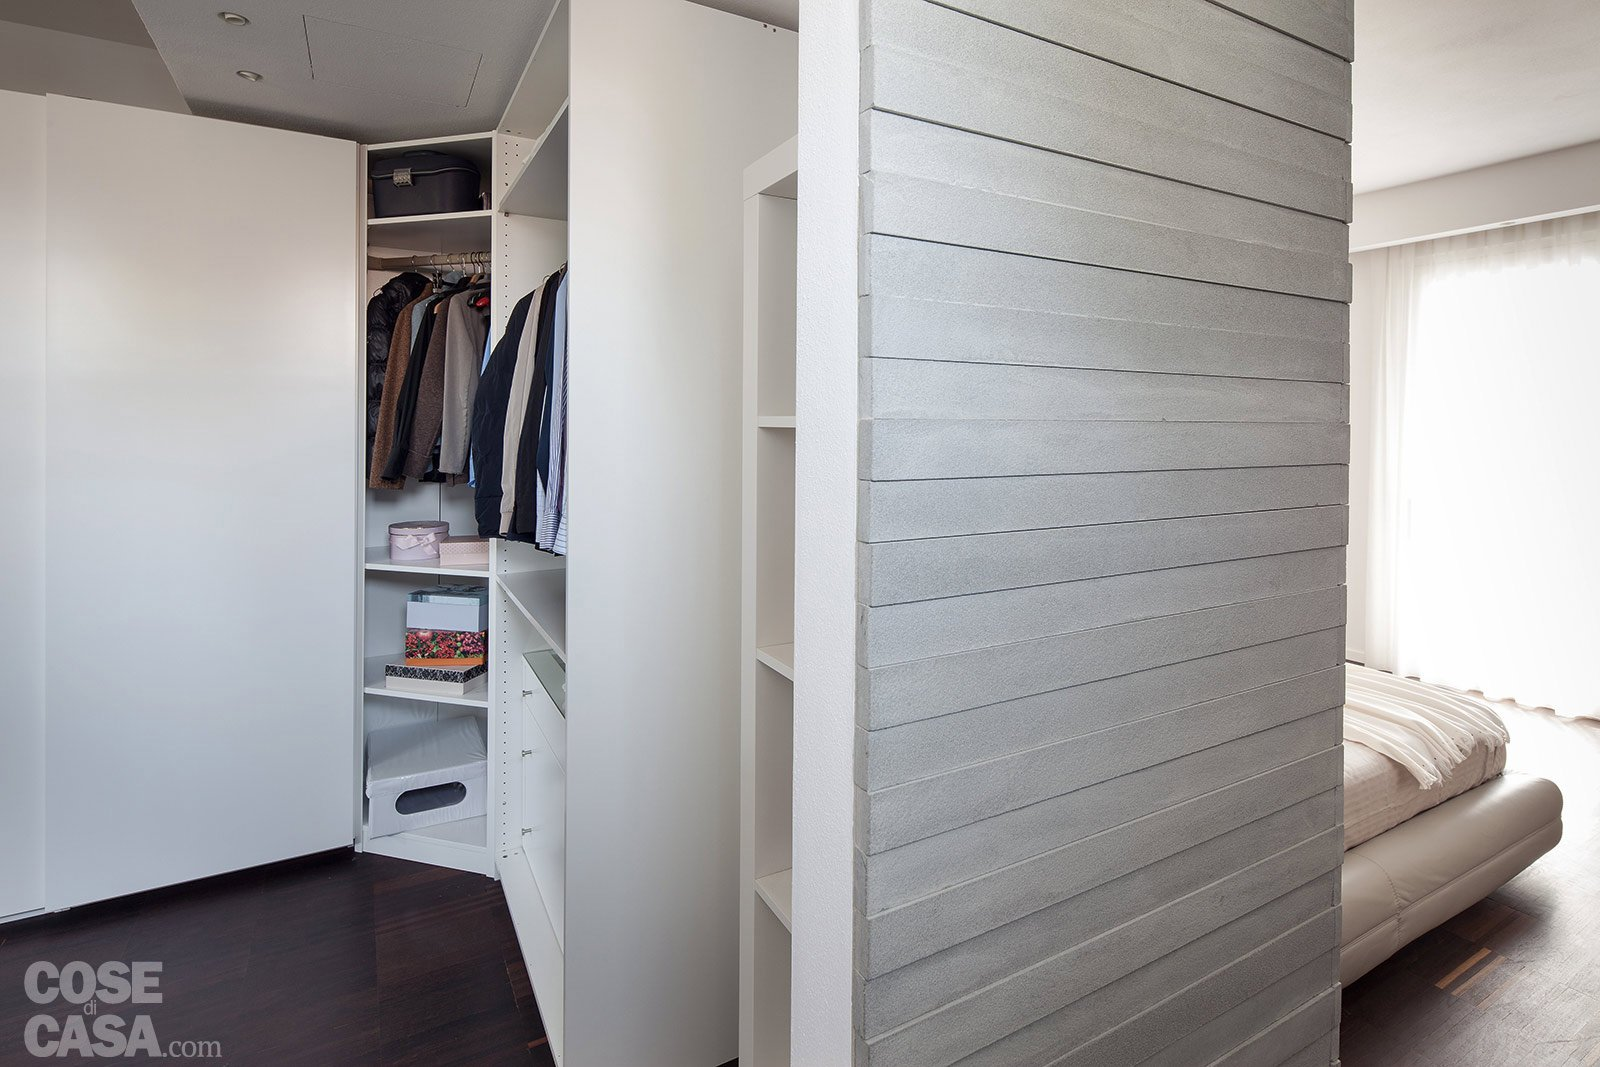 Architetture in piena luce cose di casa - Cabine armadio mercatone uno ...